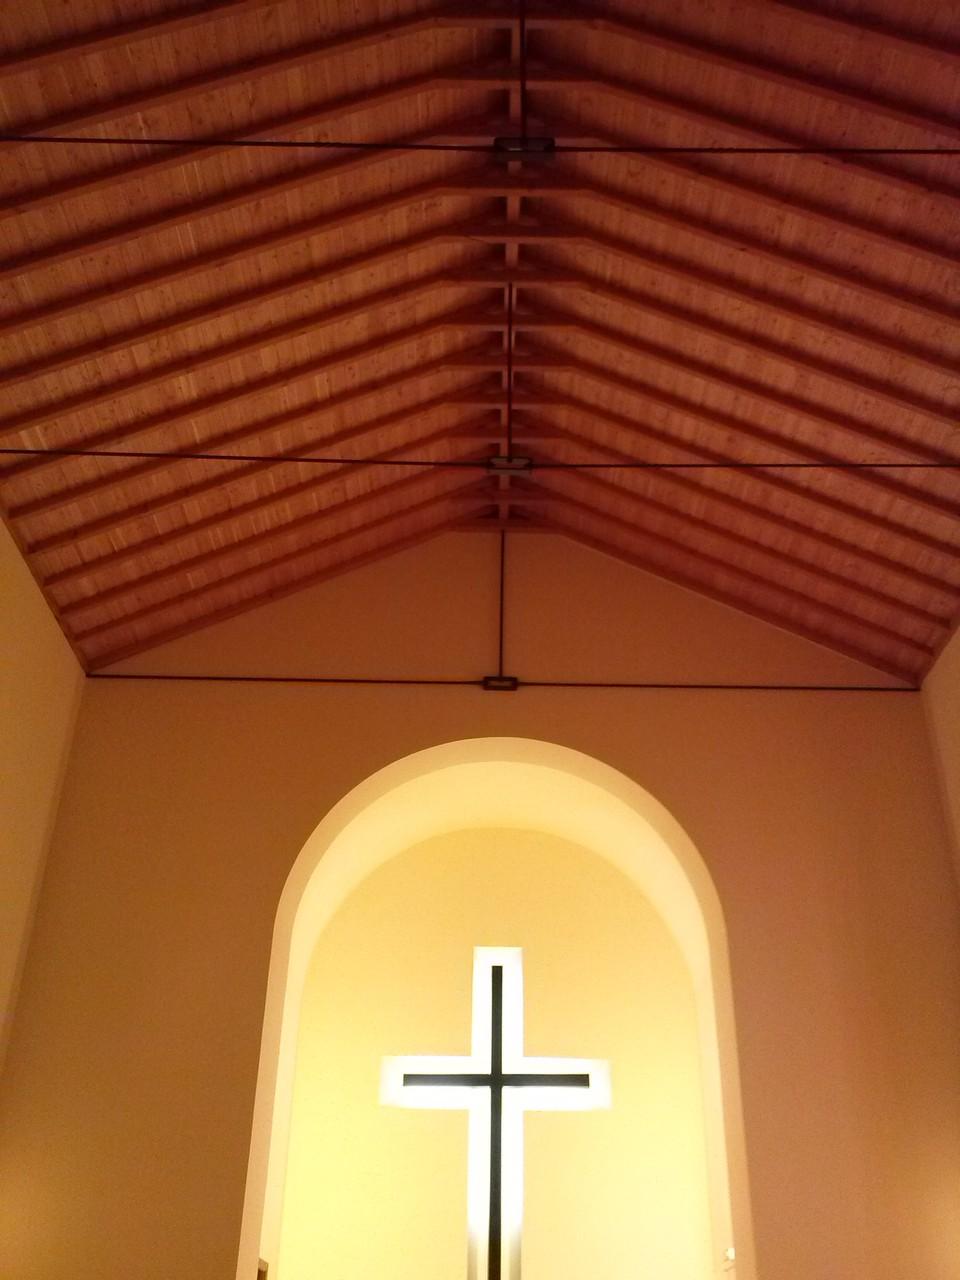 ... und verleiht der Kirche ein strahlenderes und freundliches Ambiente.